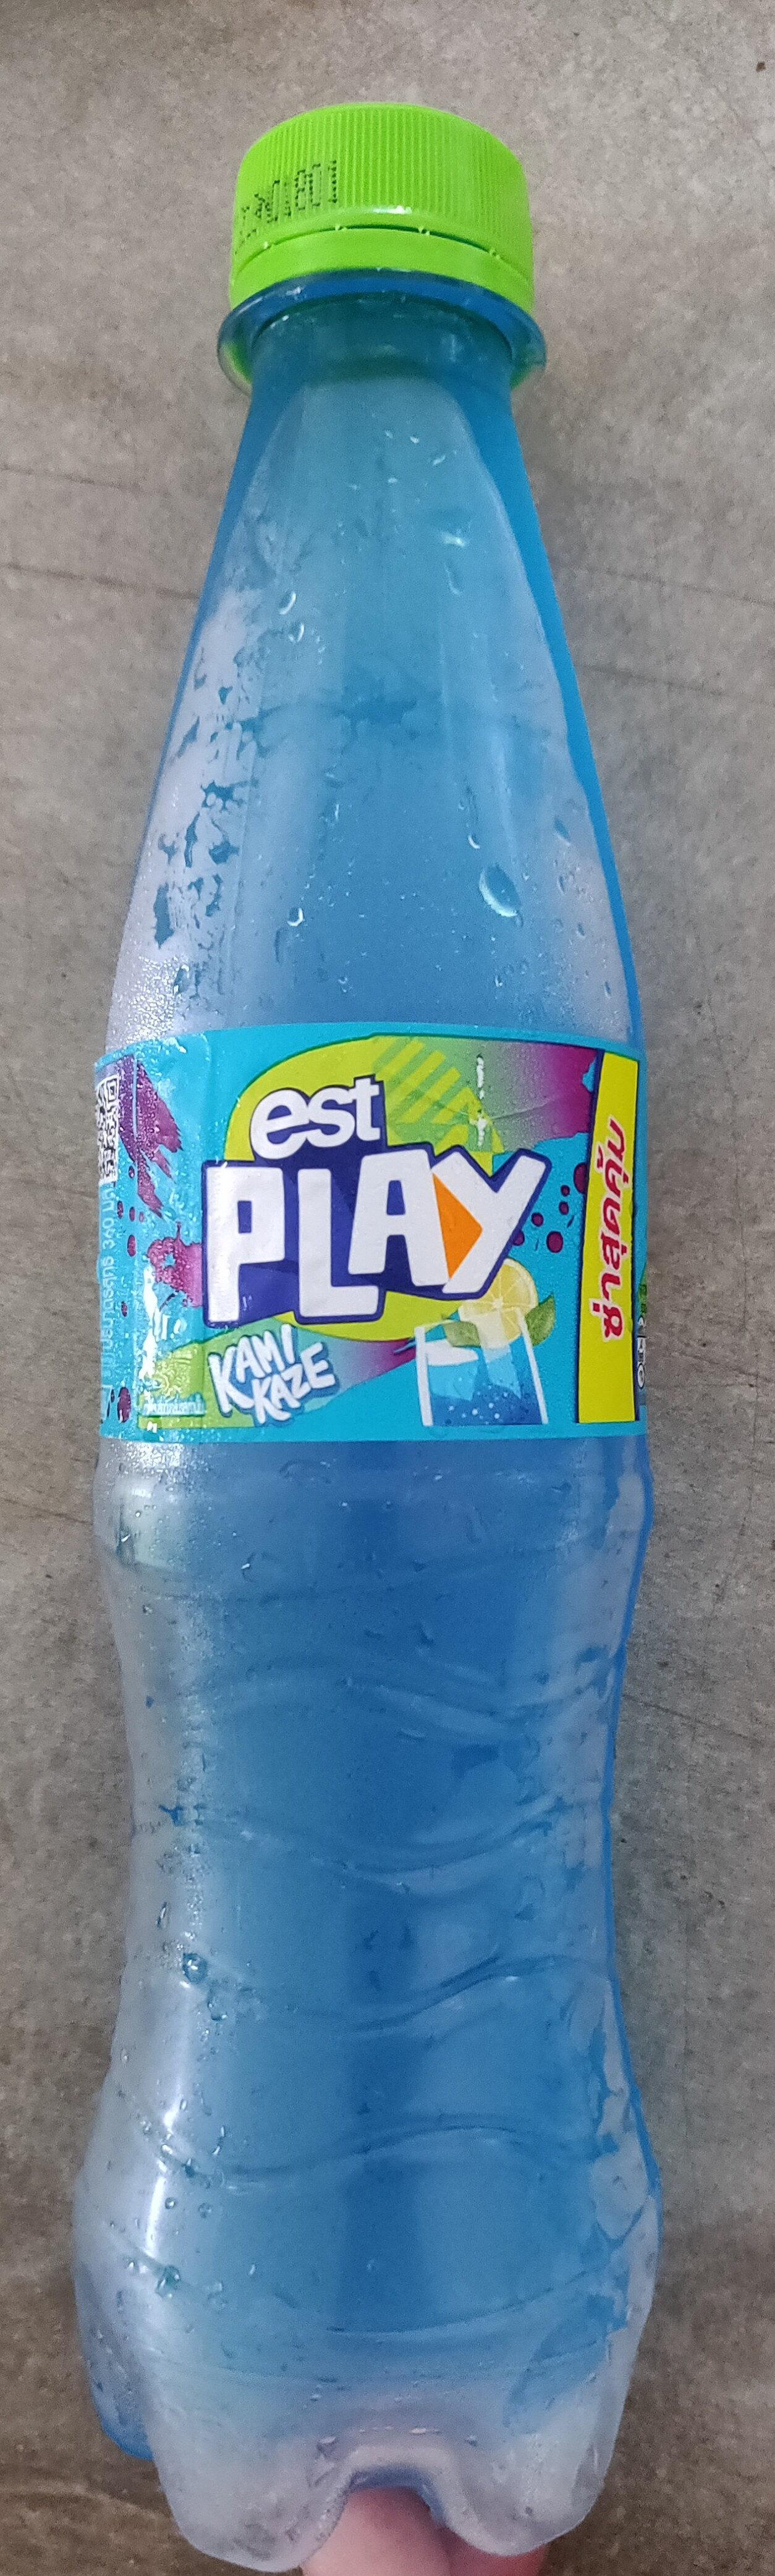 Est play Kamikaze - Produit